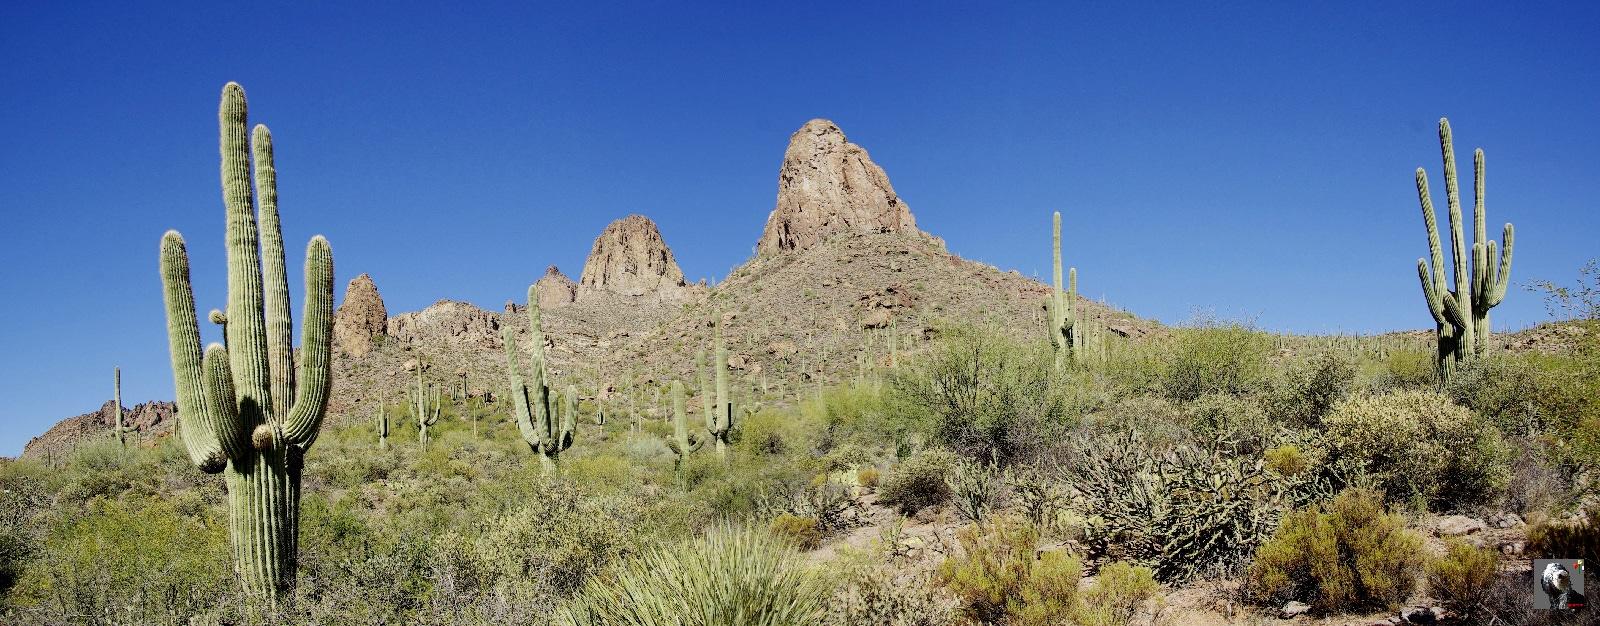 Arizona.